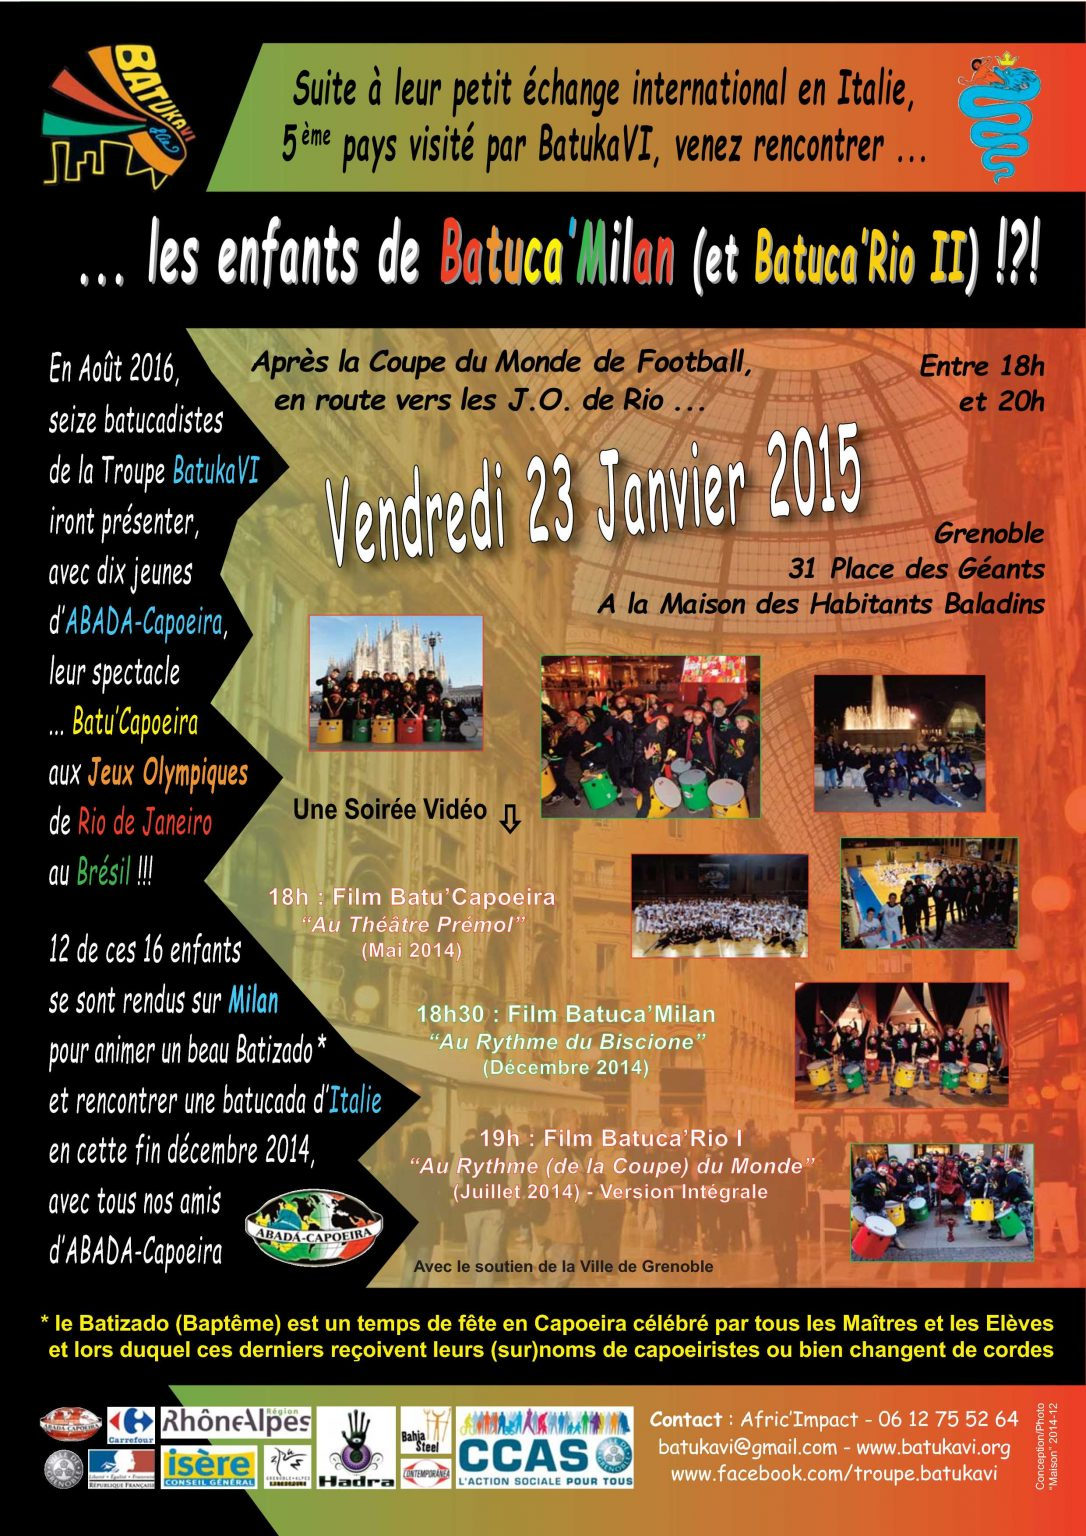 2015-01 Soirée Batuca'Milan